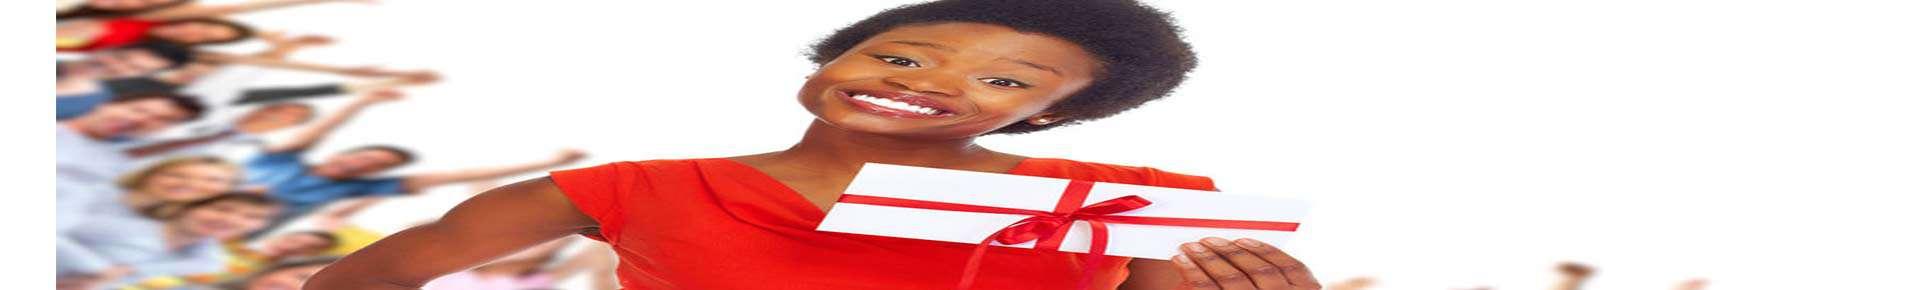 [www.sparkgaragedoors.com][11]coupons20180902125545